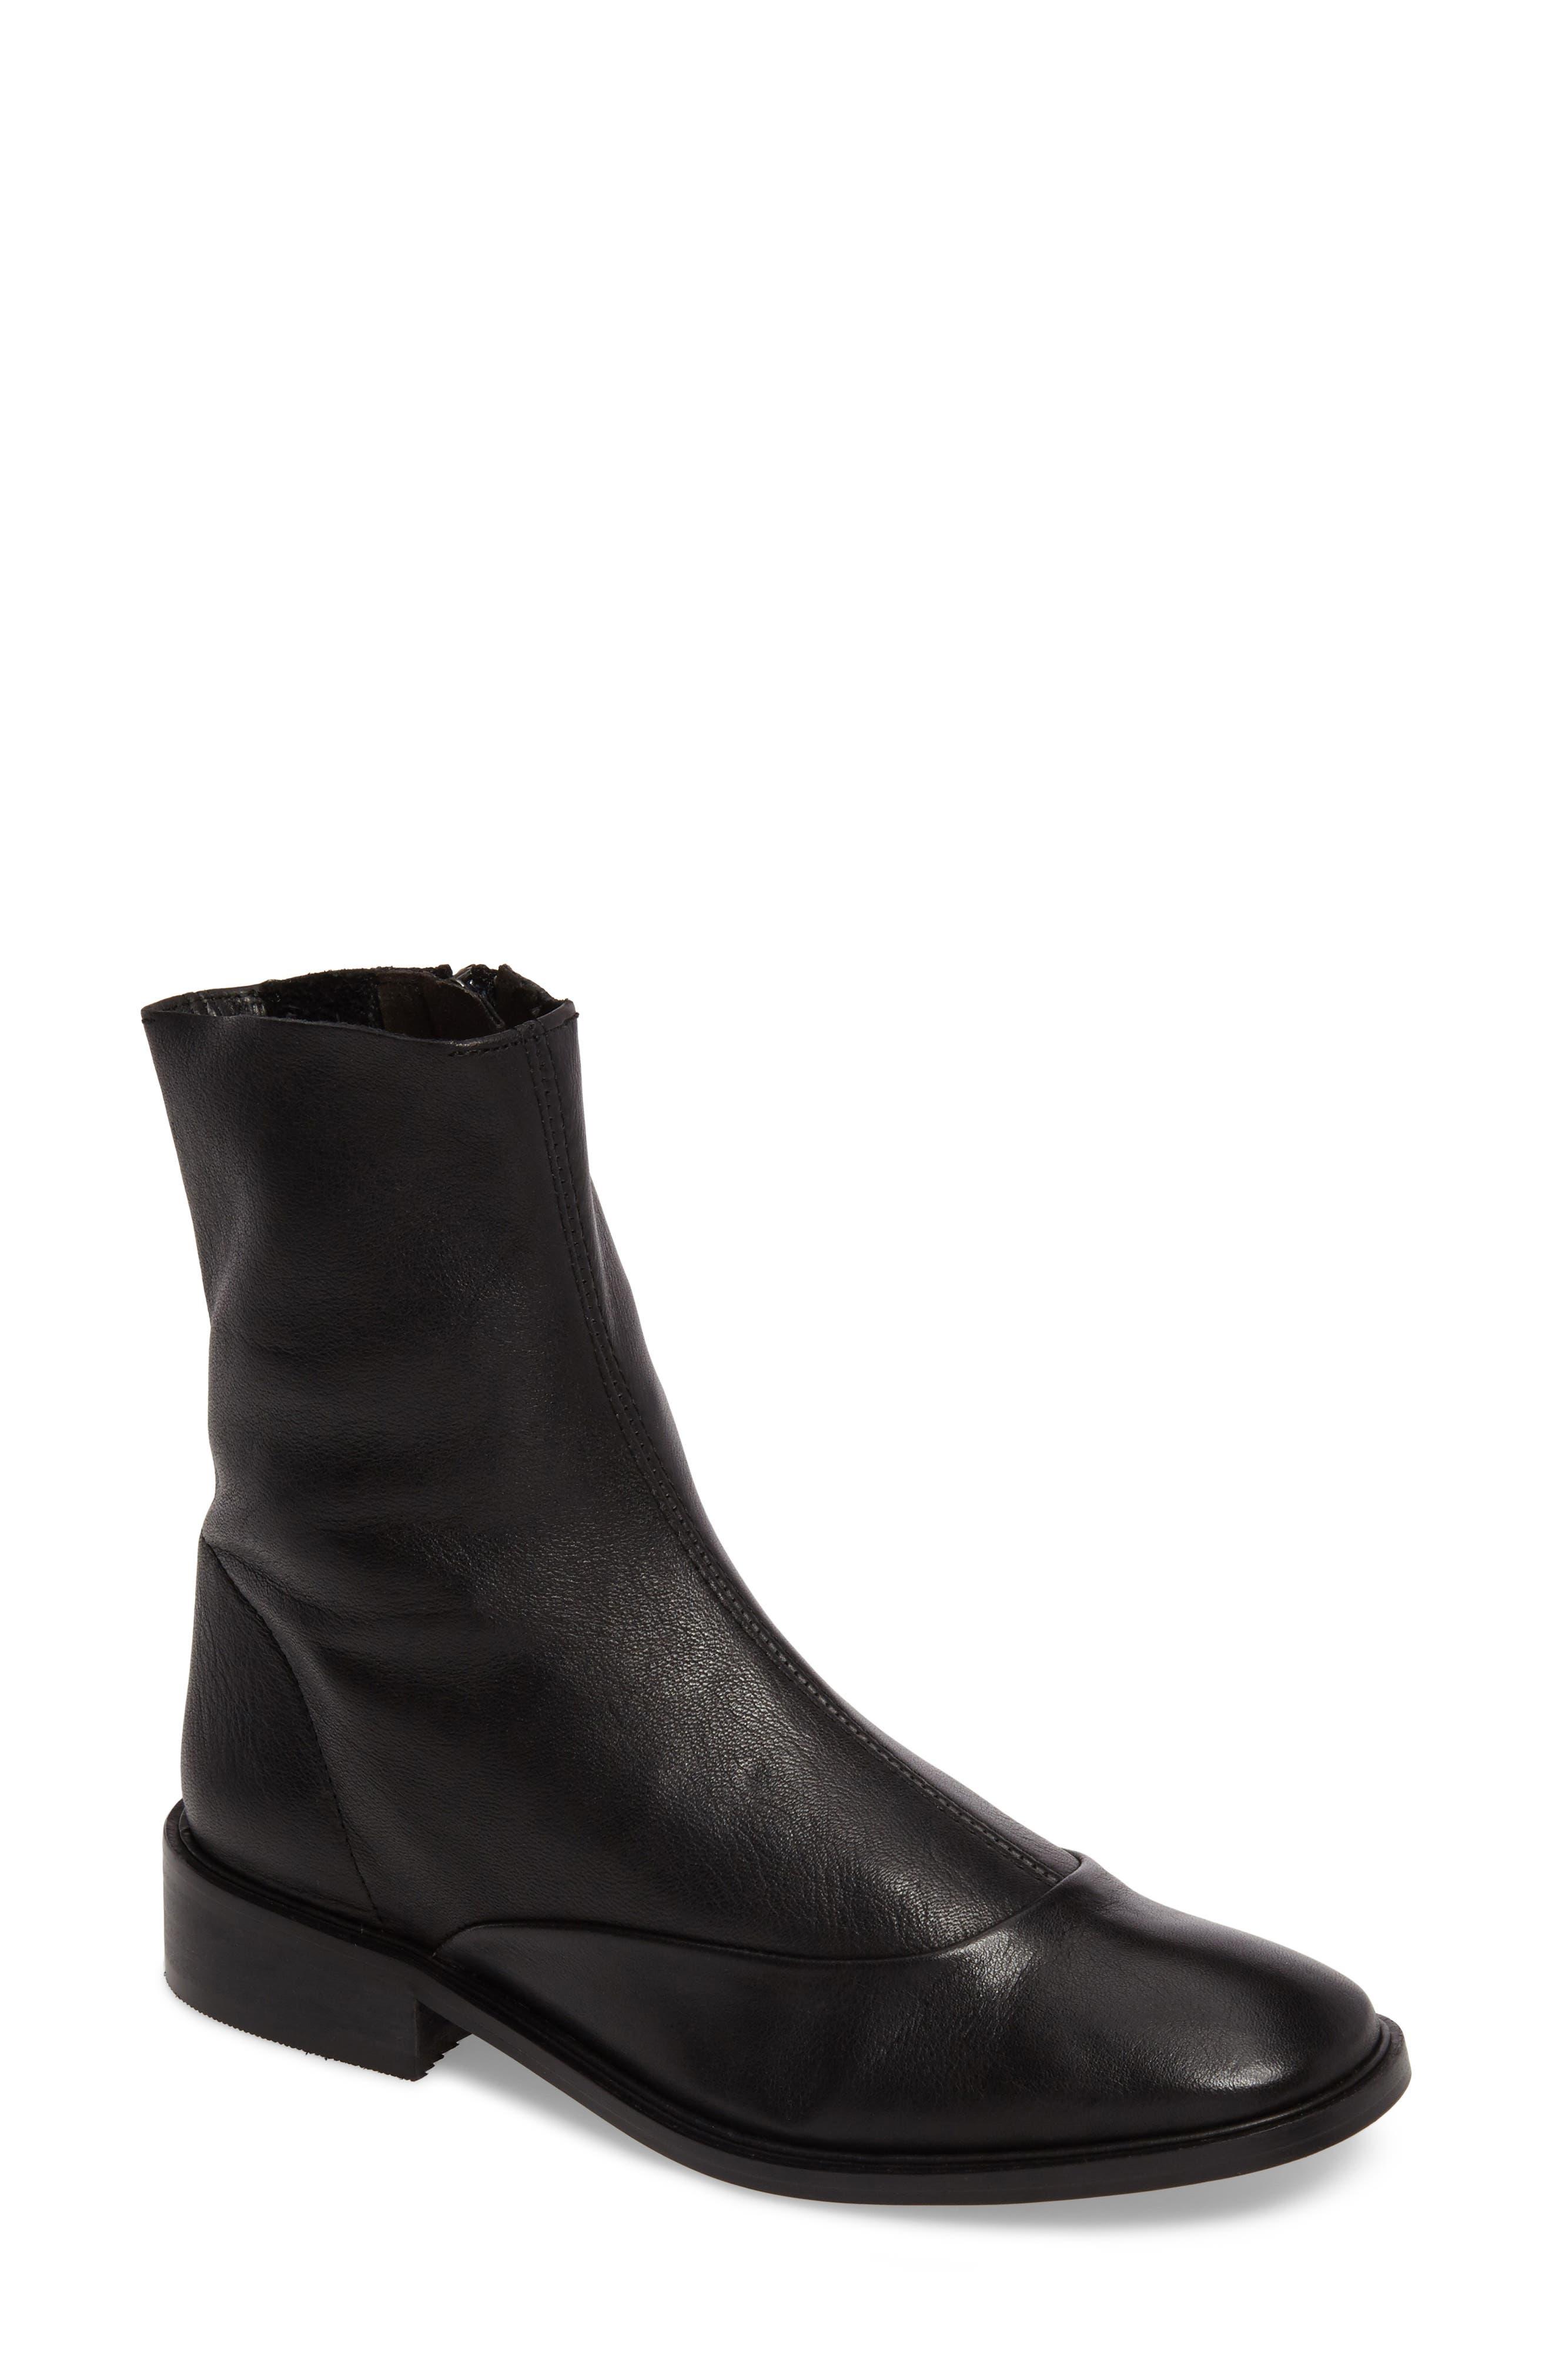 TOPSHOP April Sock Boots